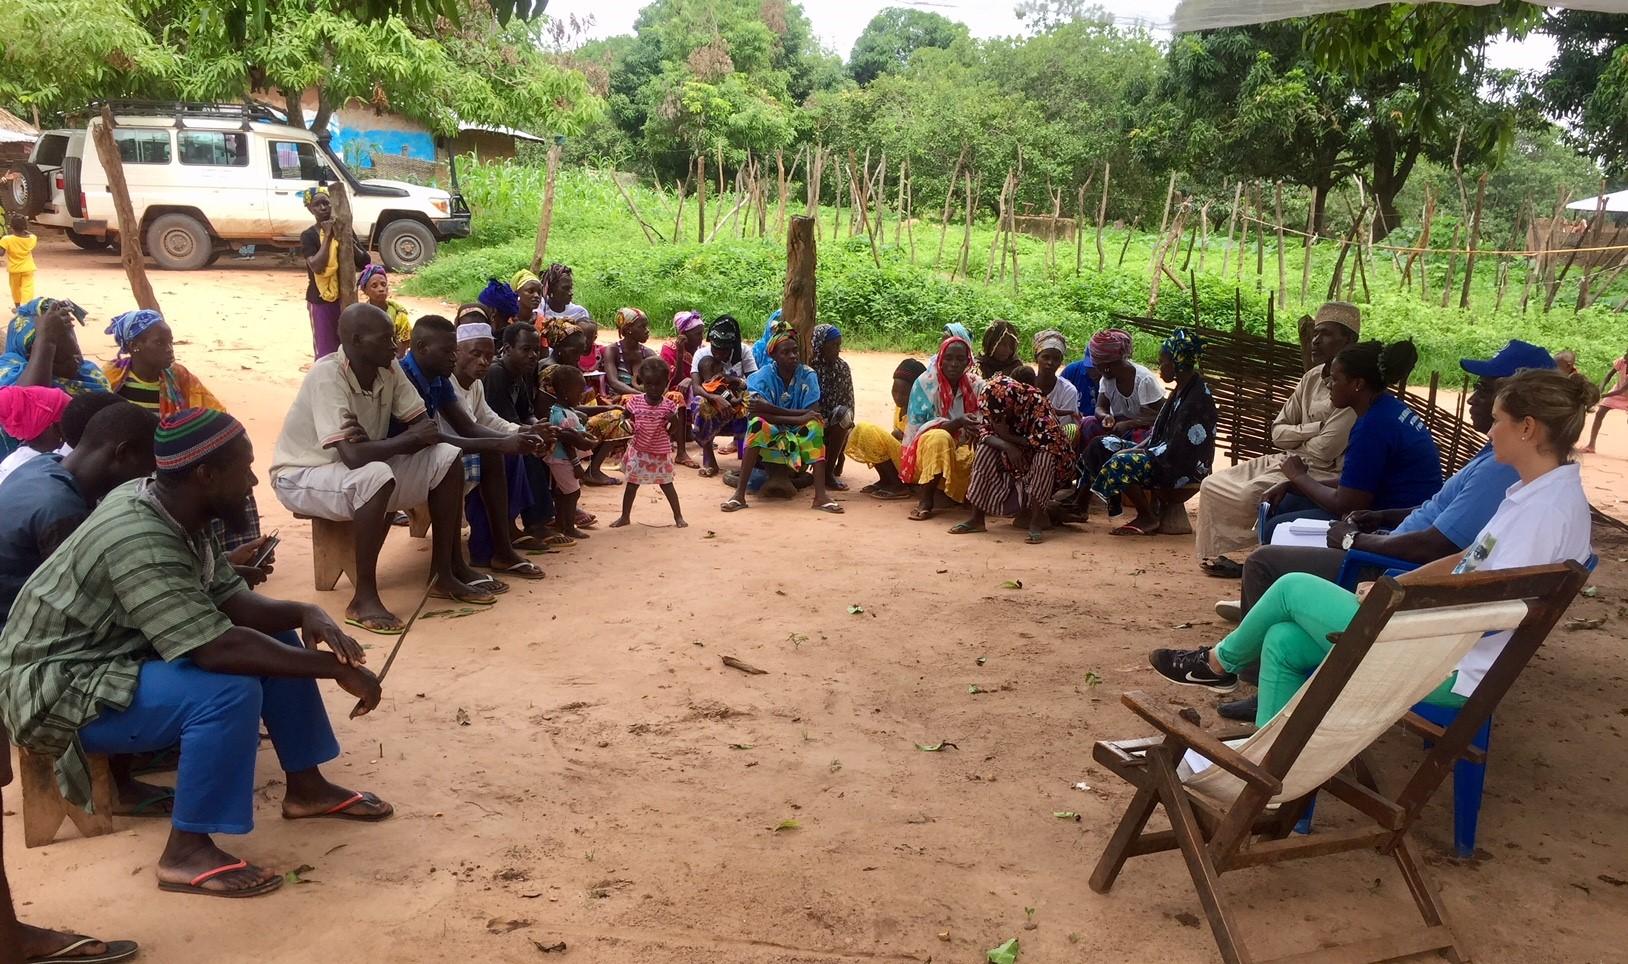 riunione rifugiati senegalesi_guinea bissau_mani tese_2018_2